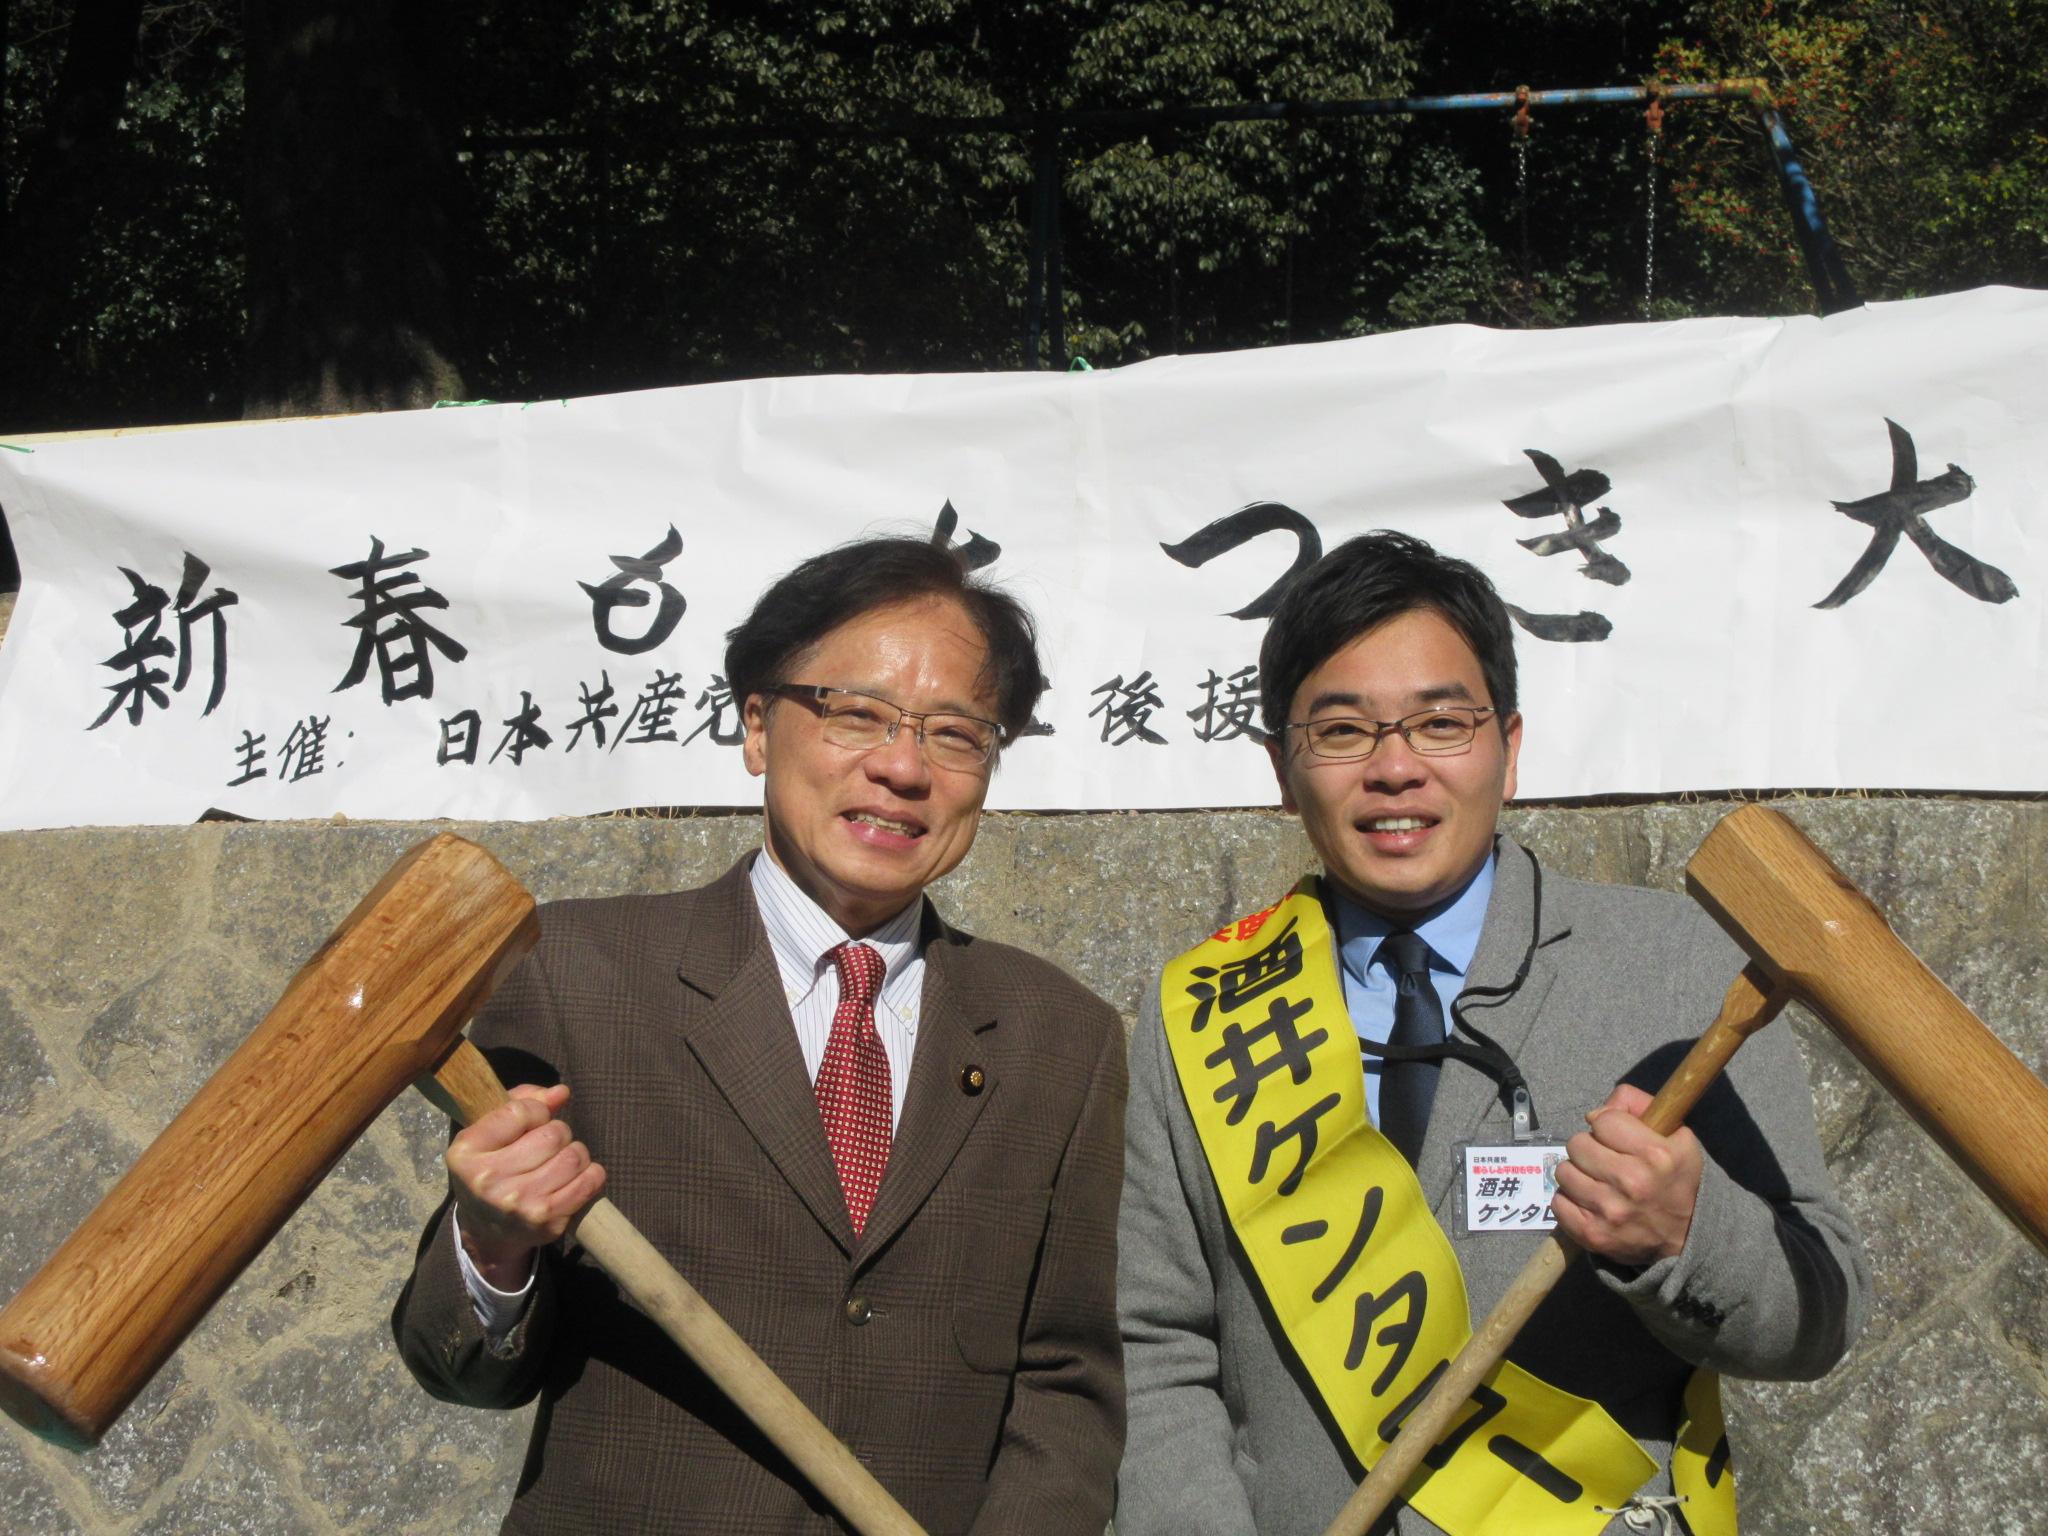 http://www.inoue-satoshi.com/diary/IMG_3262.JPG